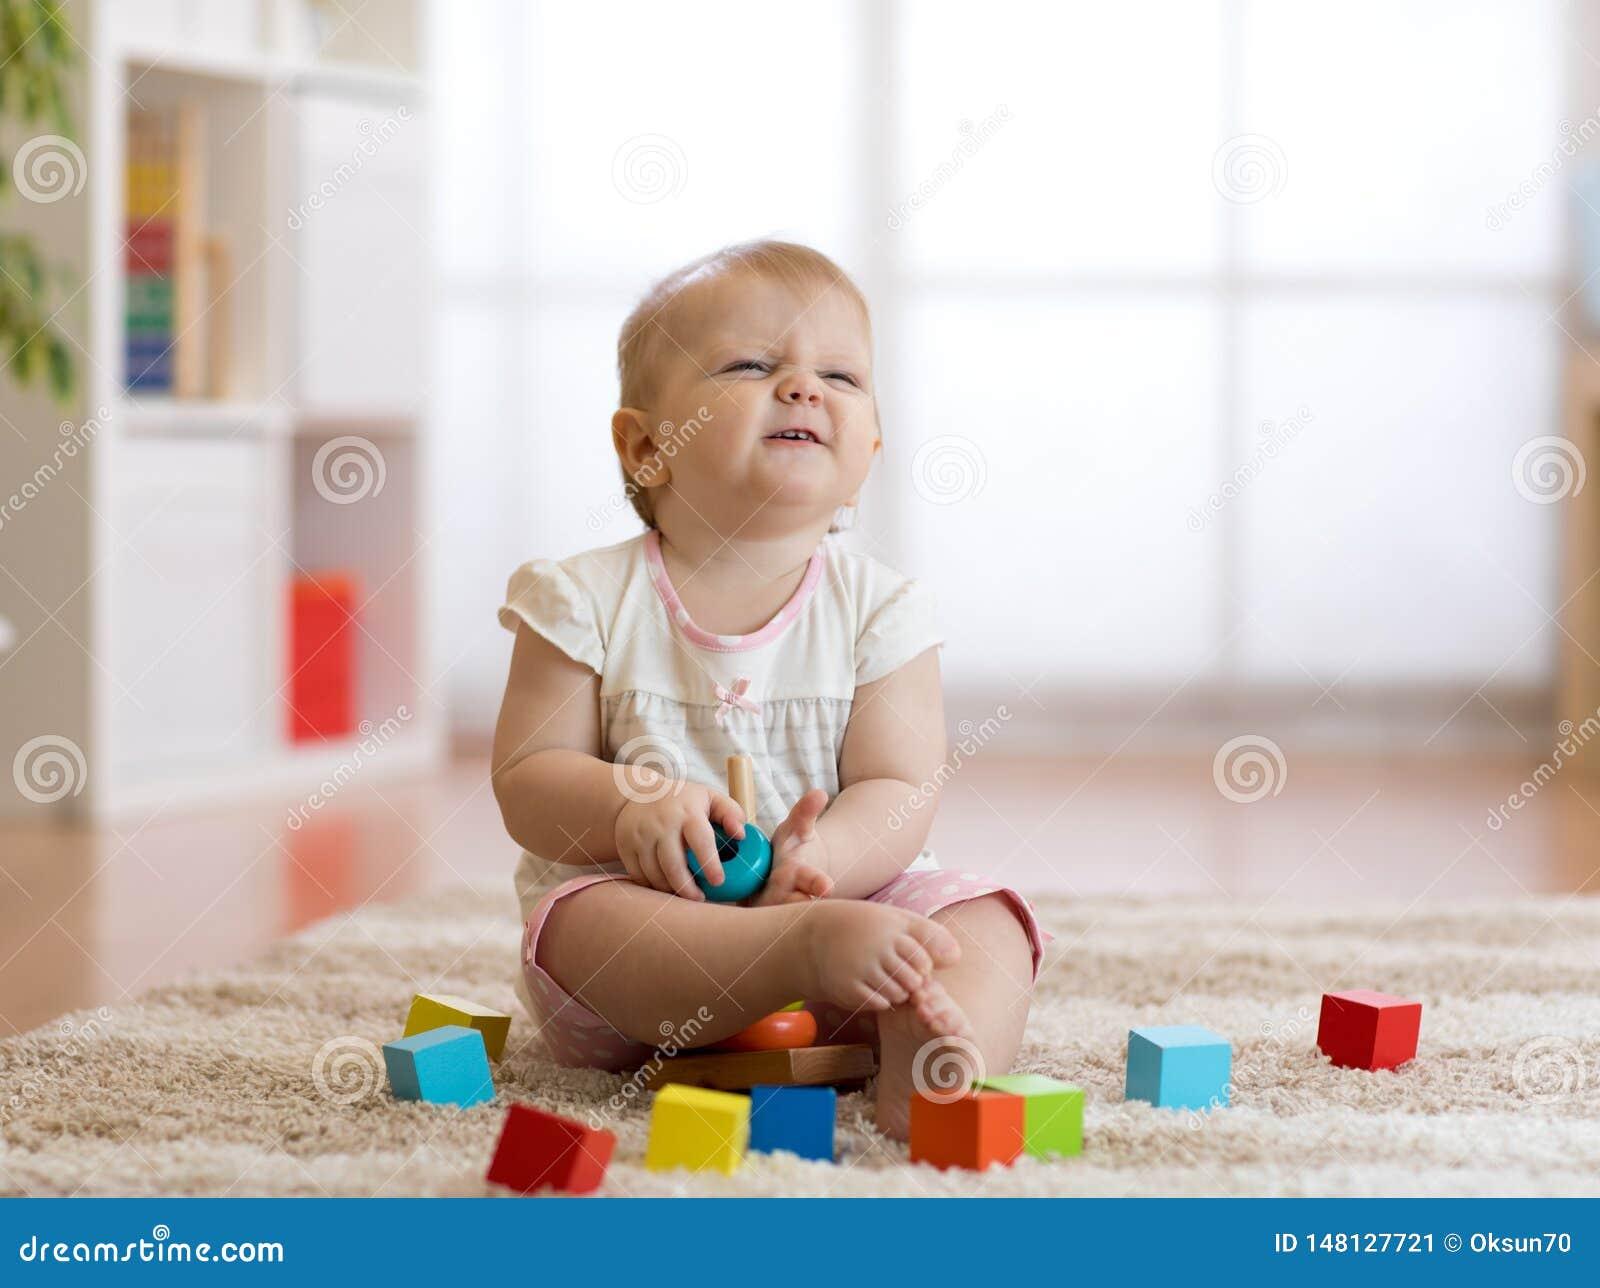 Neonata sveglia che gioca con i giocattoli in salone